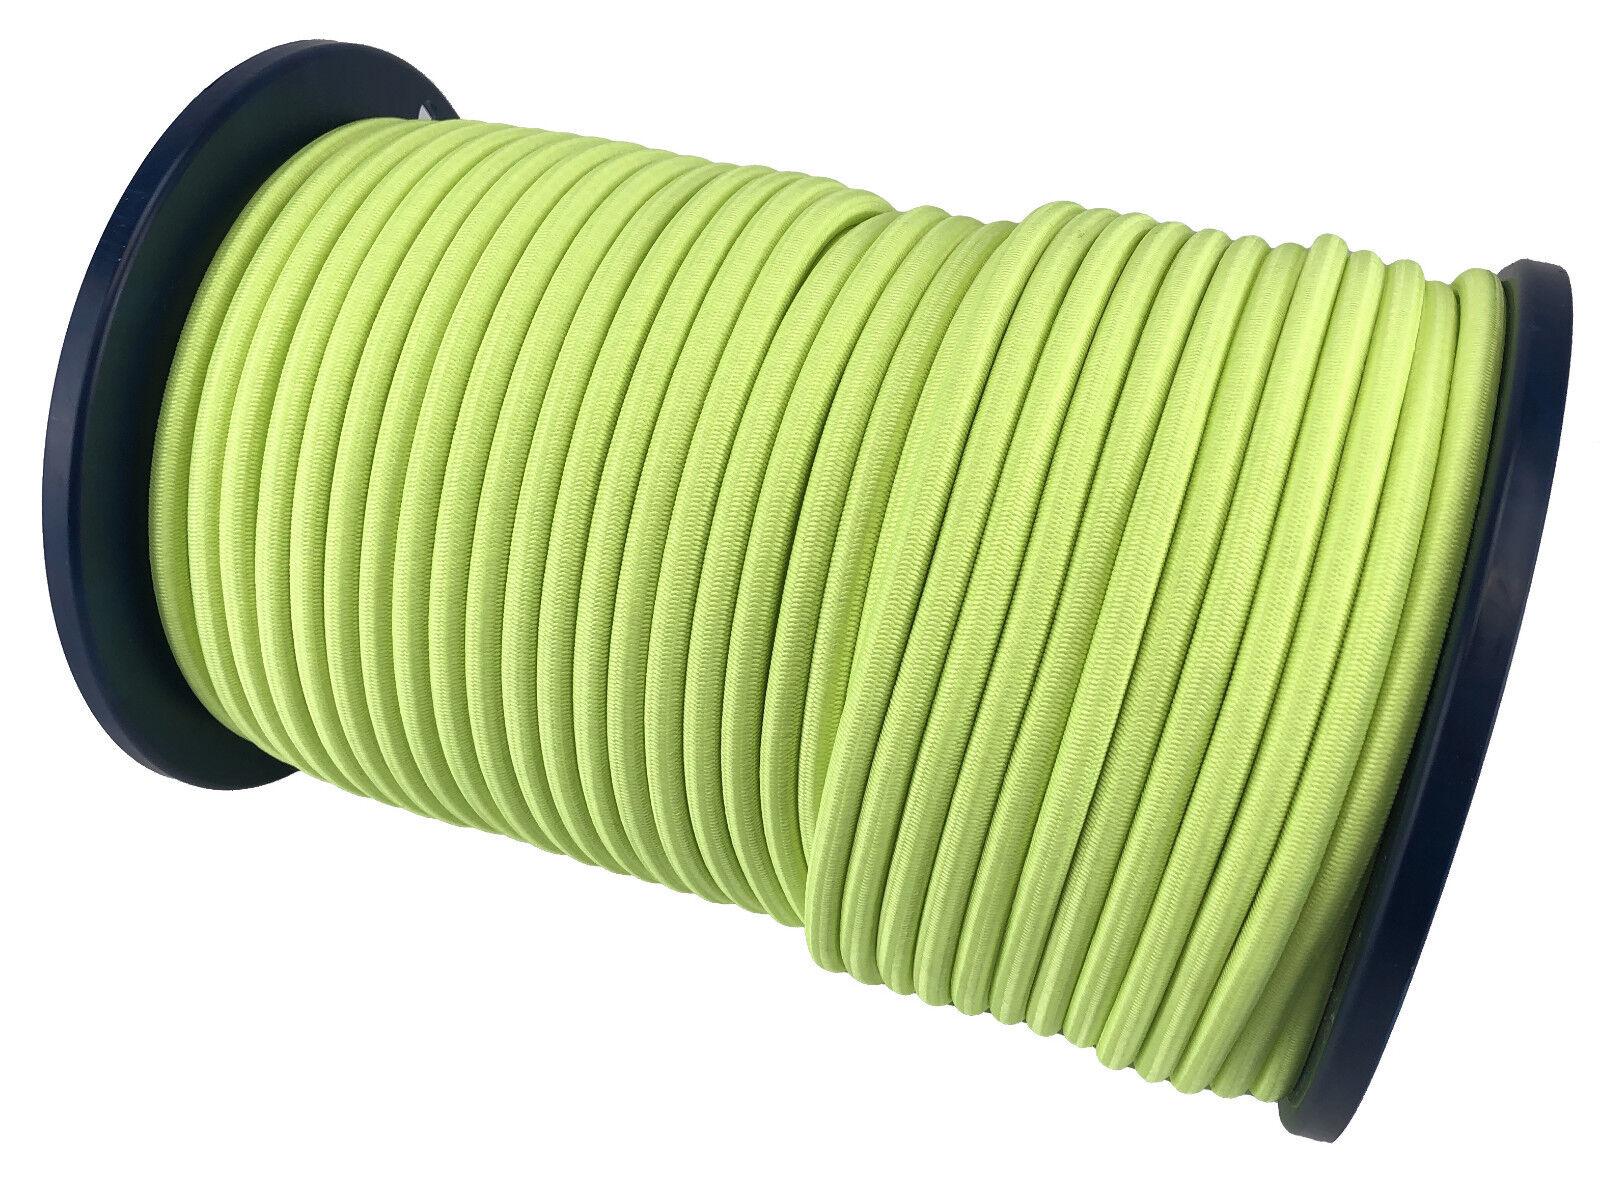 10mm Fluoreszierend Gelb Elastisches Gummi Gummi Gummi Seil Gummiseil Festbinden X 75 M a0a9f6